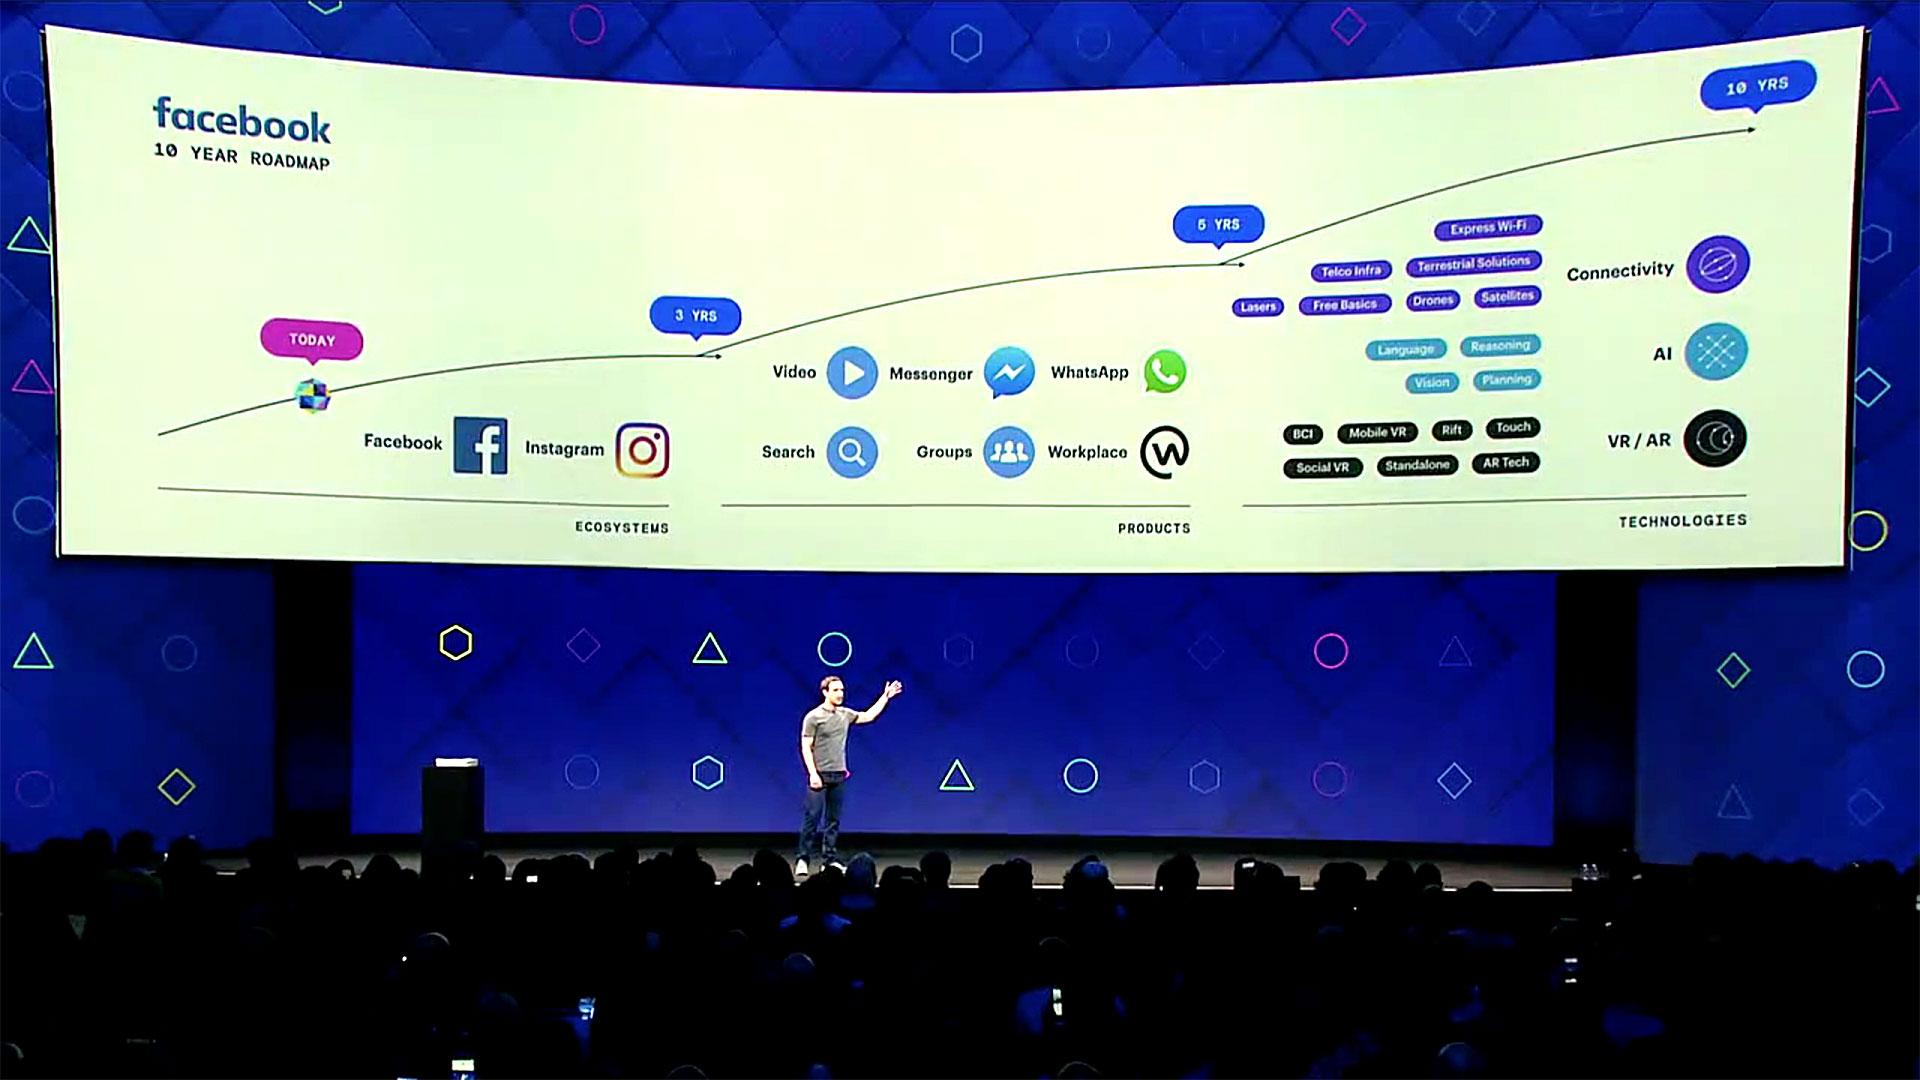 Mark Zuckerberg vor der Zehn-Jahres-Roadmap